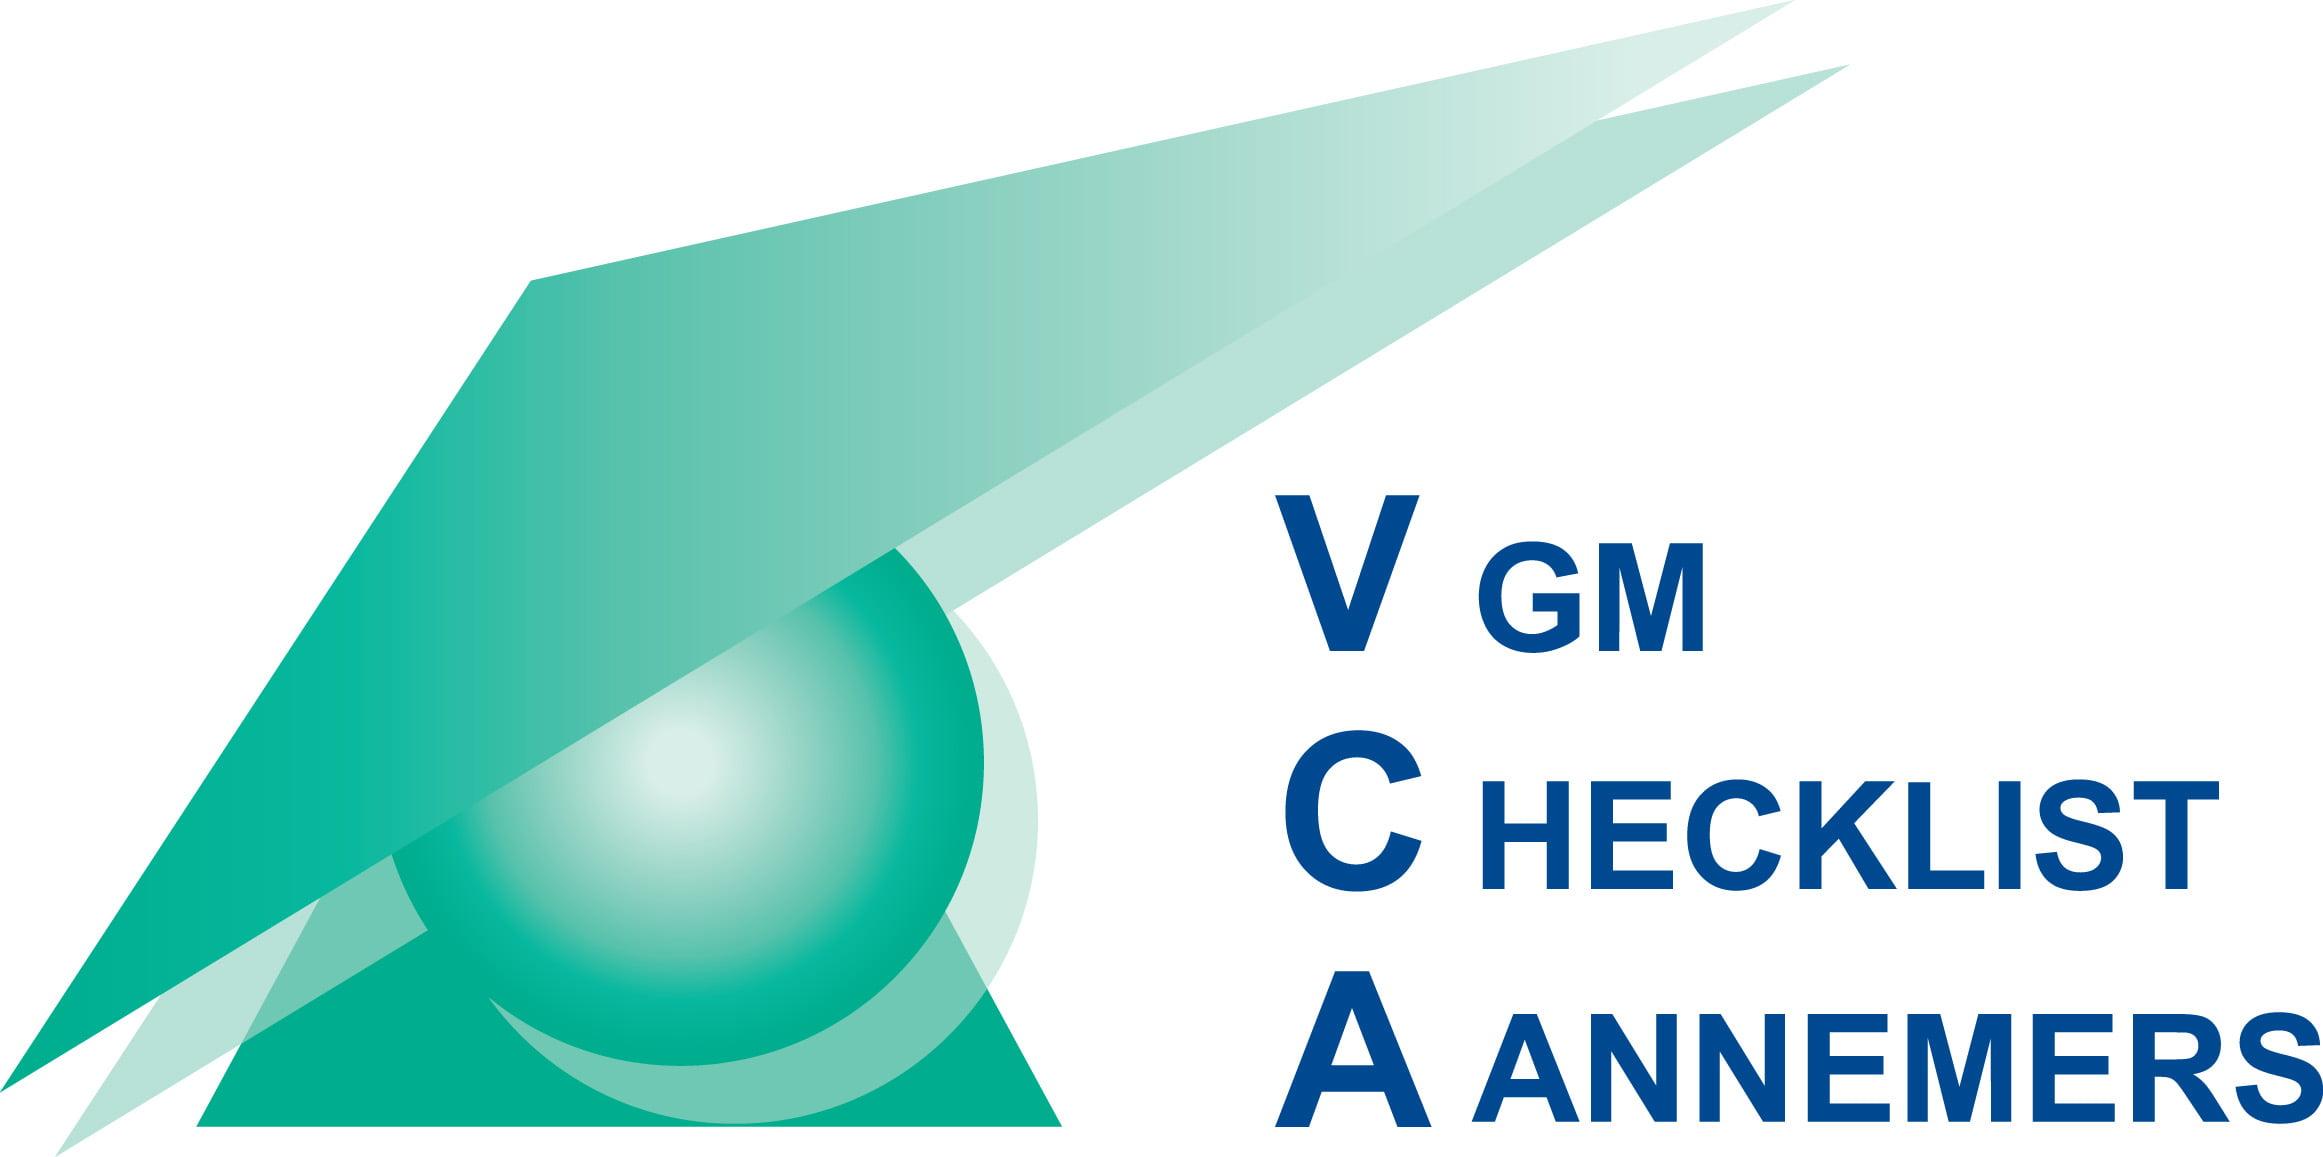 https://frijo.nl/wp-content/uploads/2021/01/VCA-logo.jpg